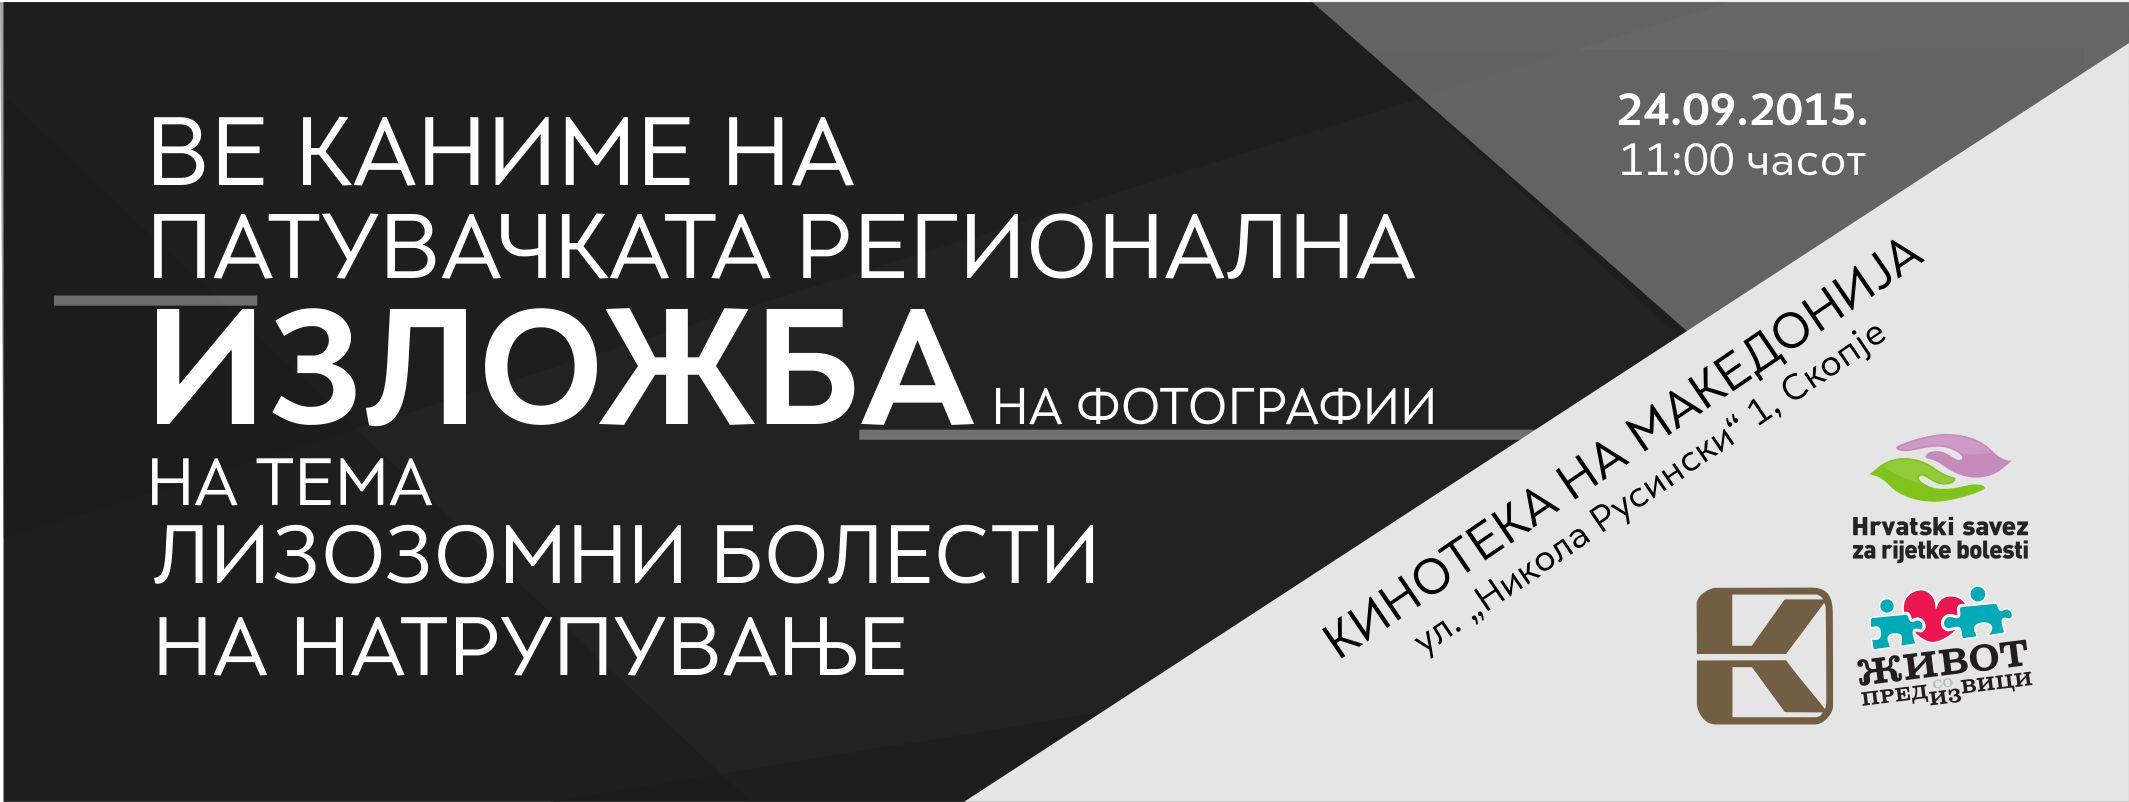 Покана за изложба ЛБН